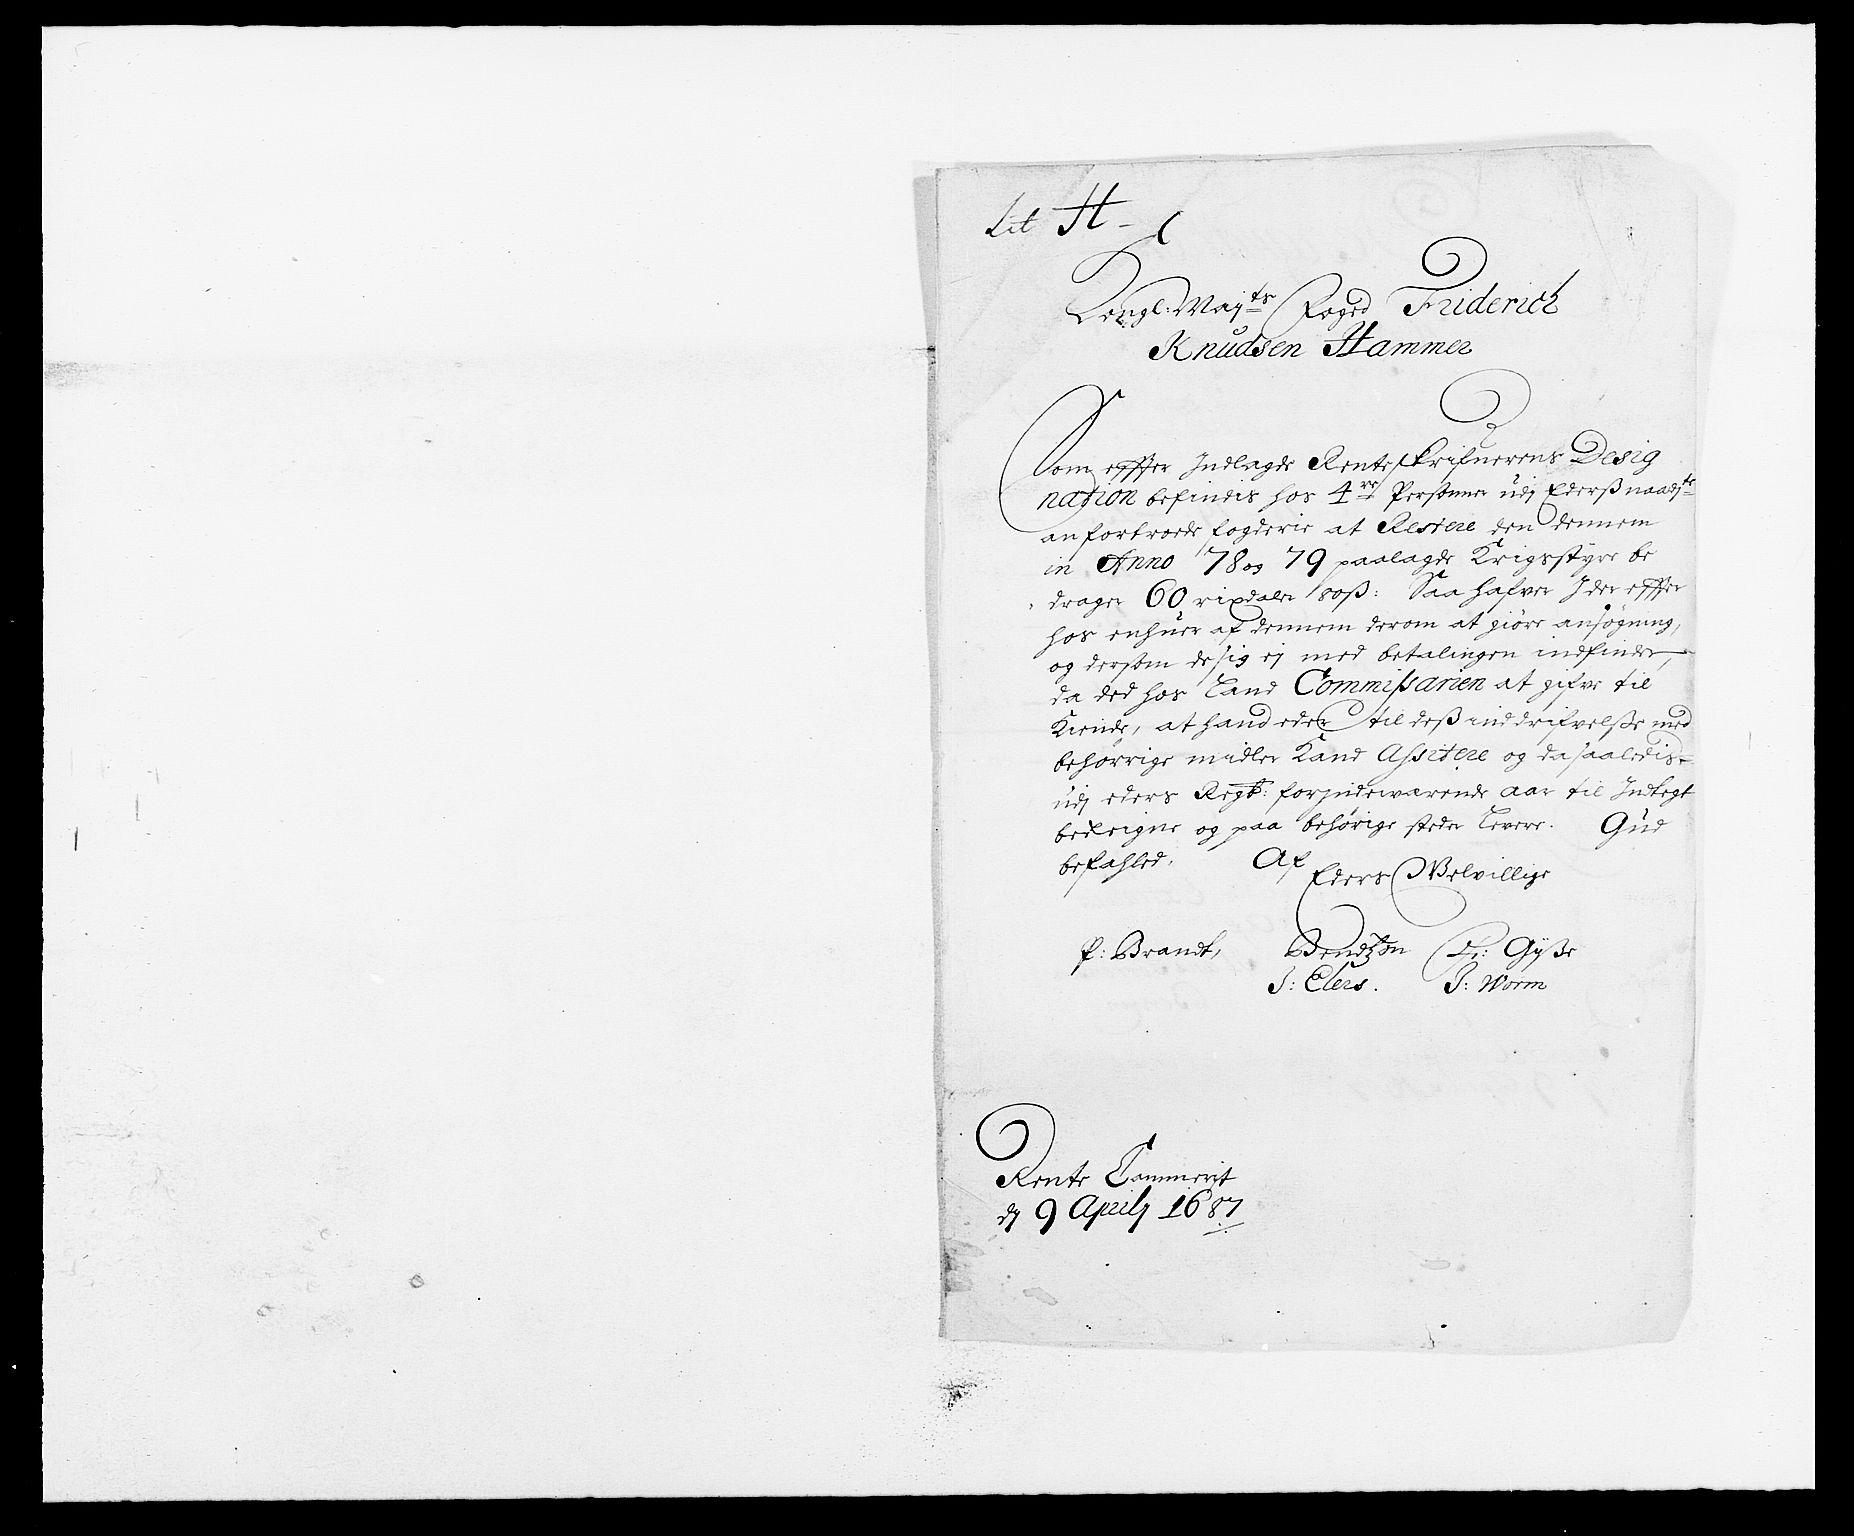 RA, Rentekammeret inntil 1814, Reviderte regnskaper, Fogderegnskap, R16/L1028: Fogderegnskap Hedmark, 1687, s. 135